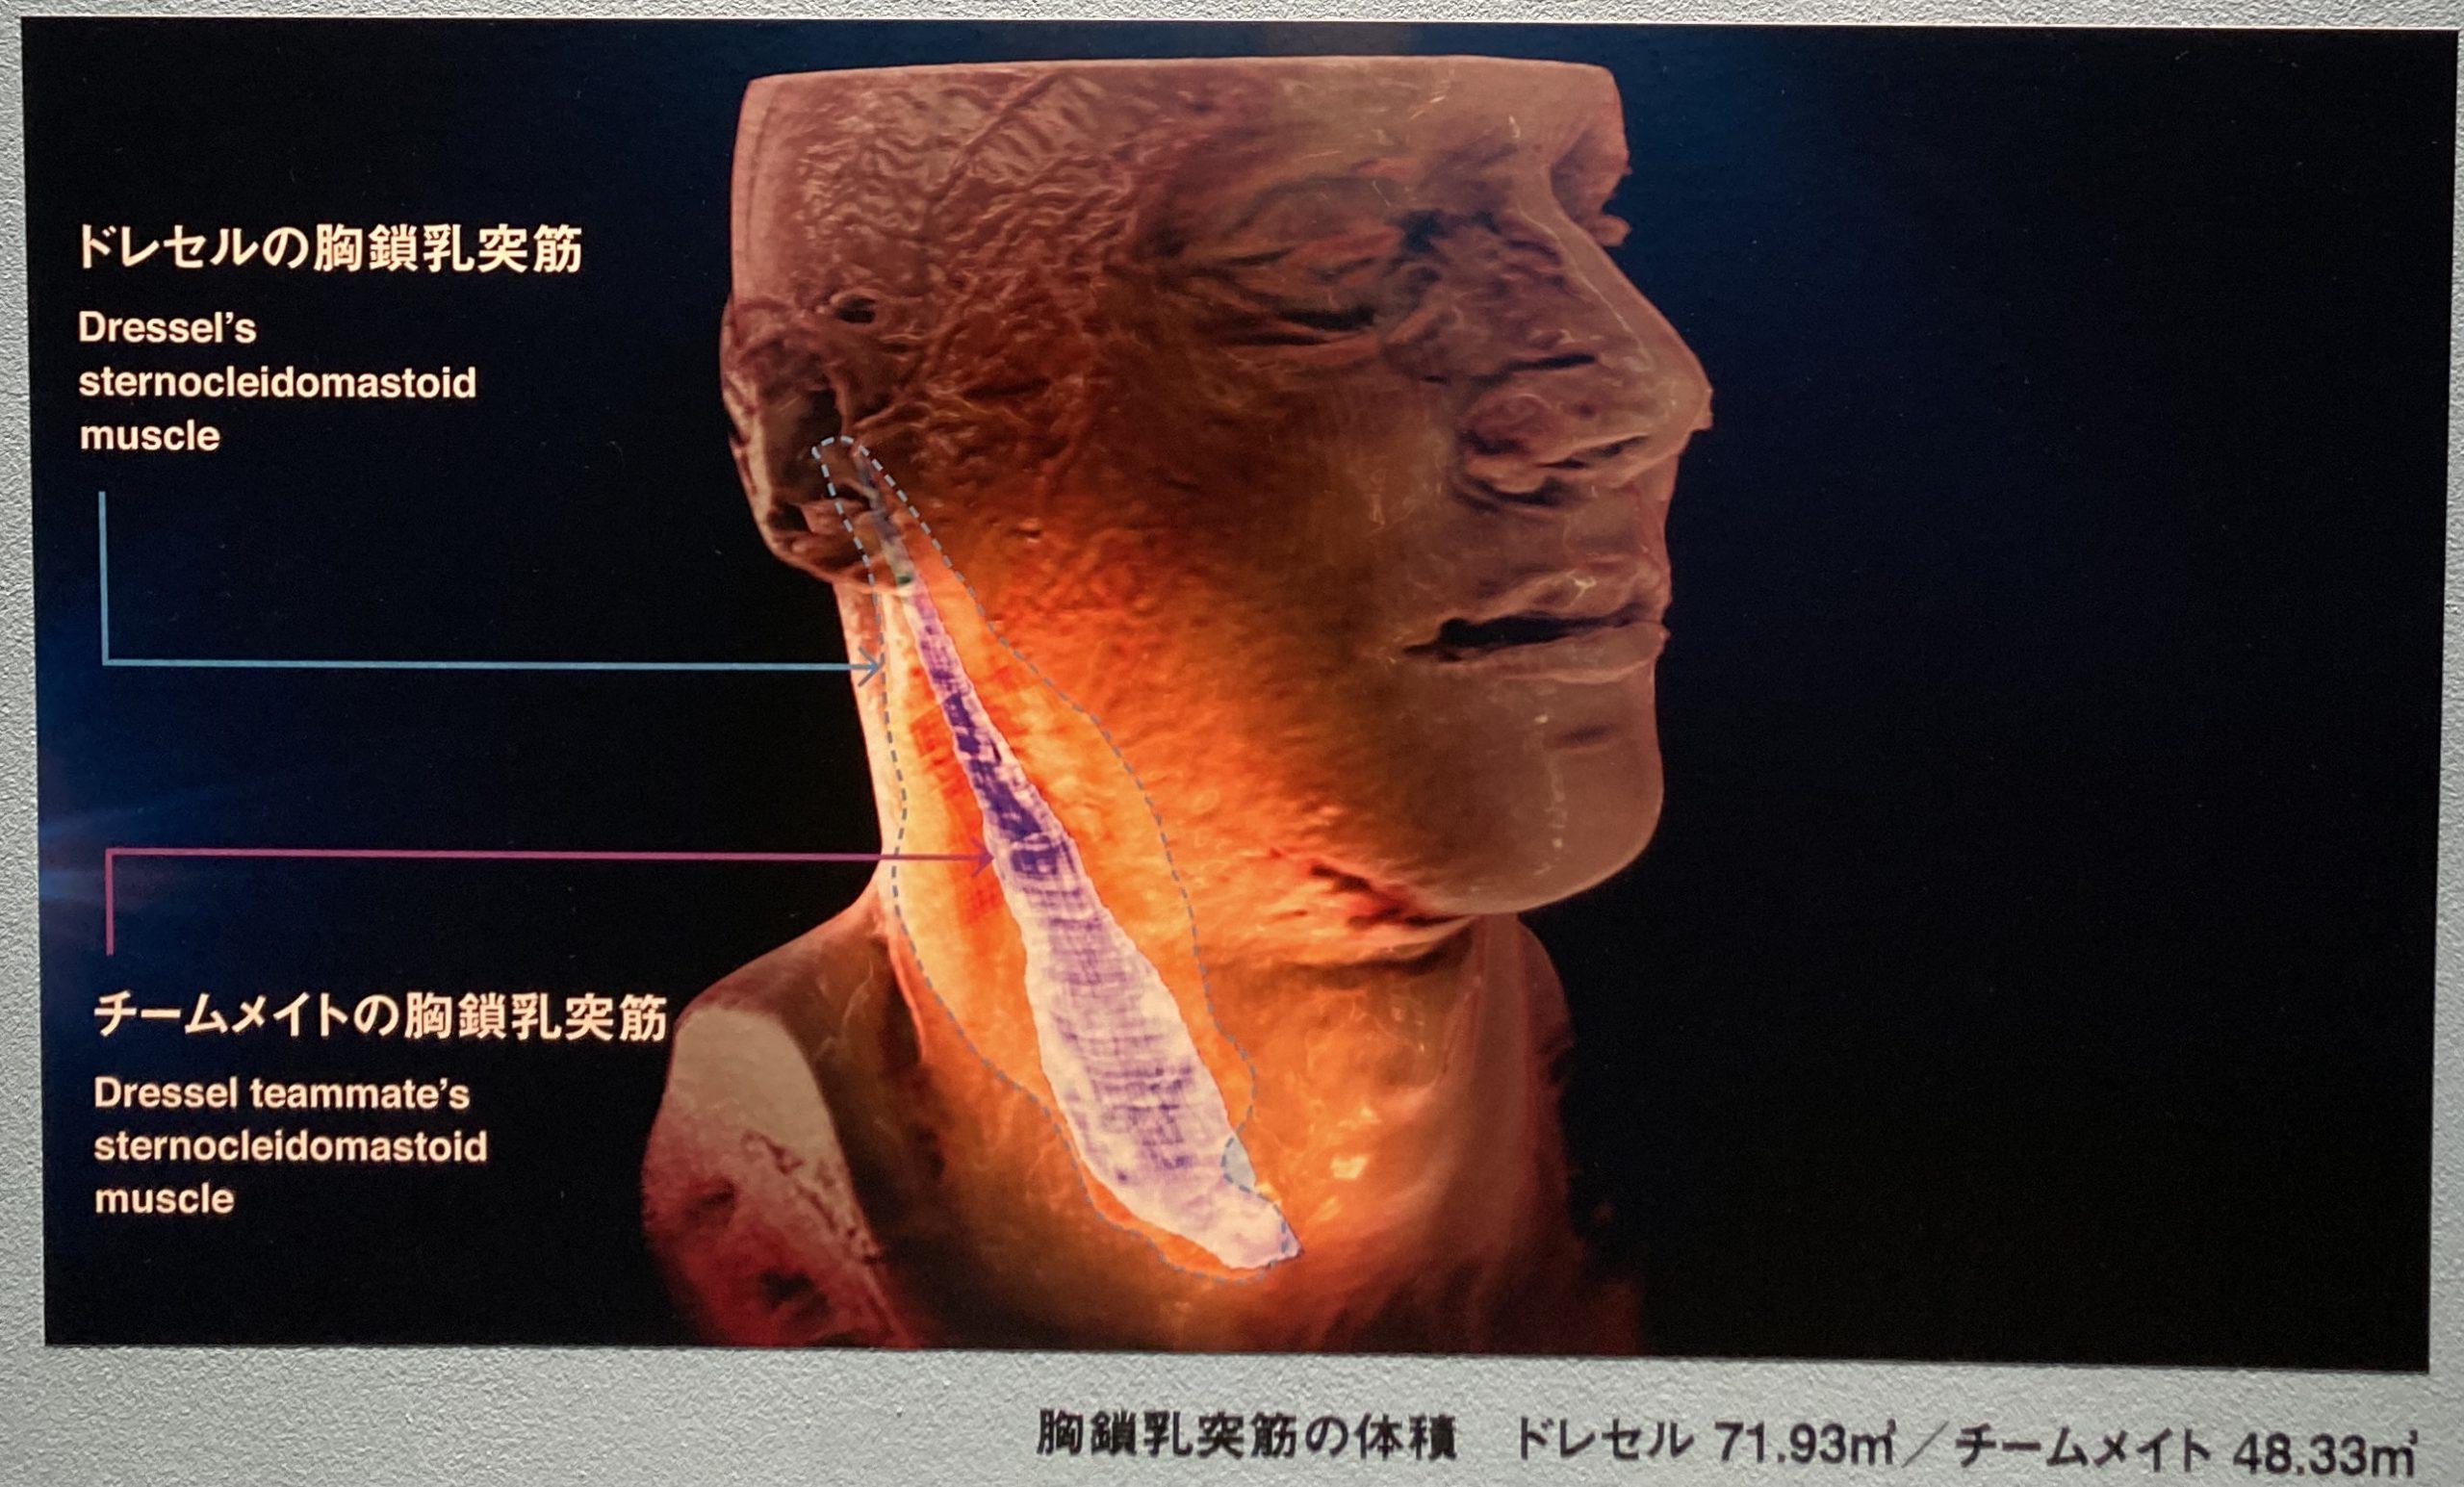 胸鎖乳突筋の秘密